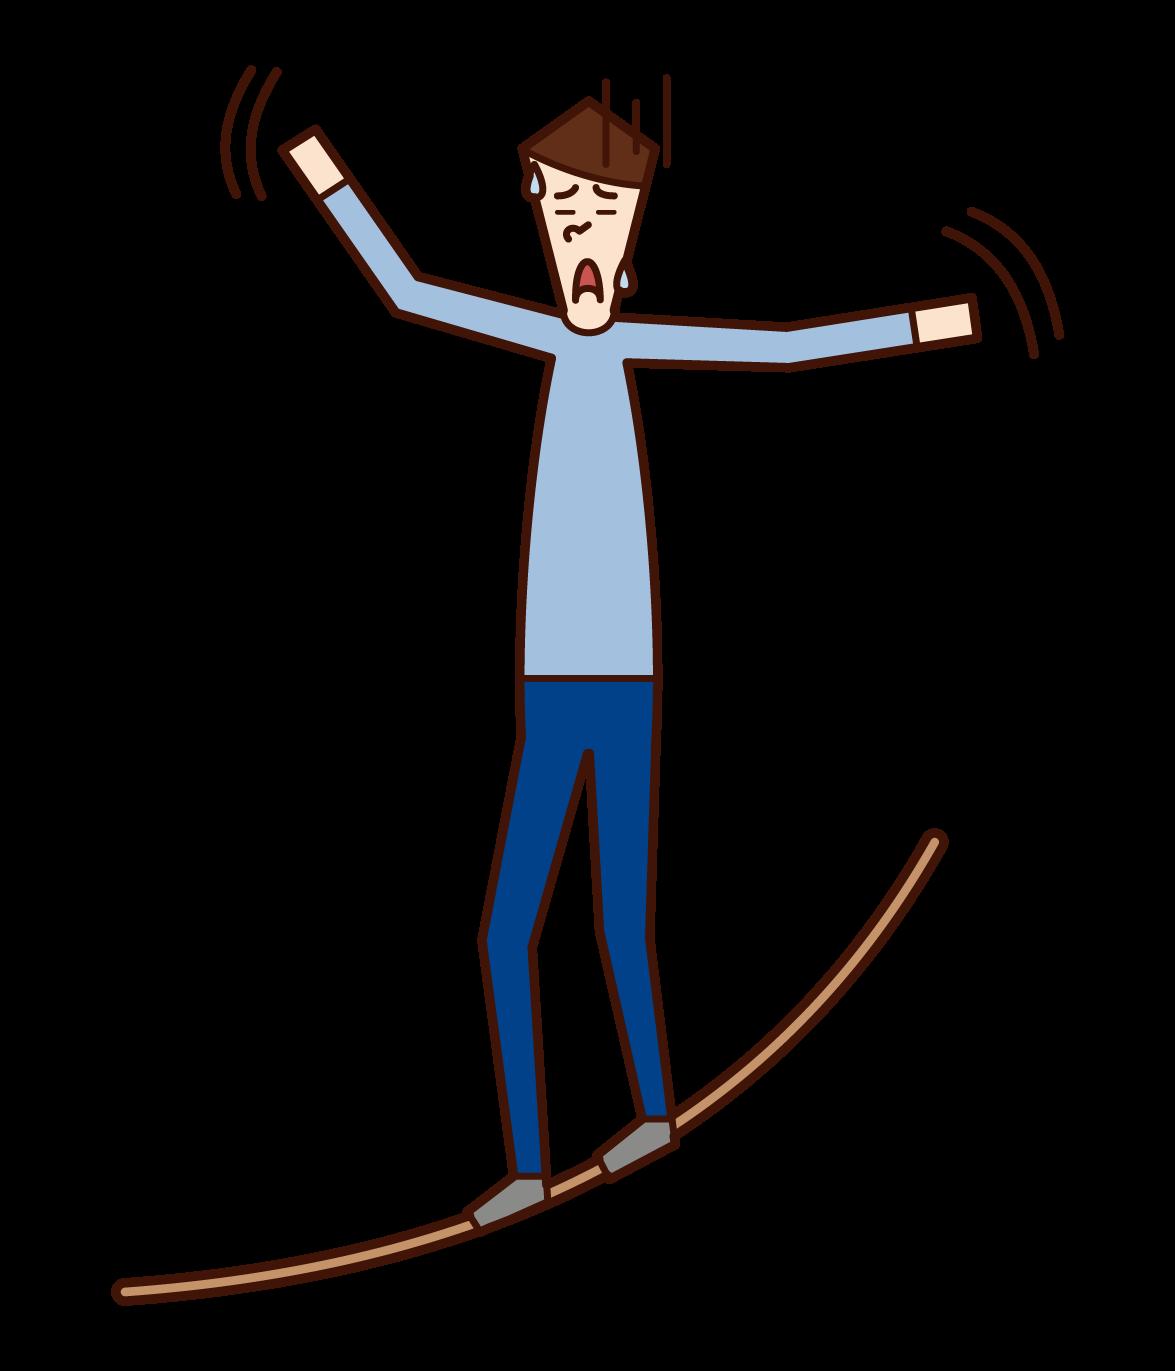 綱渡りをする人(男性)のイラスト